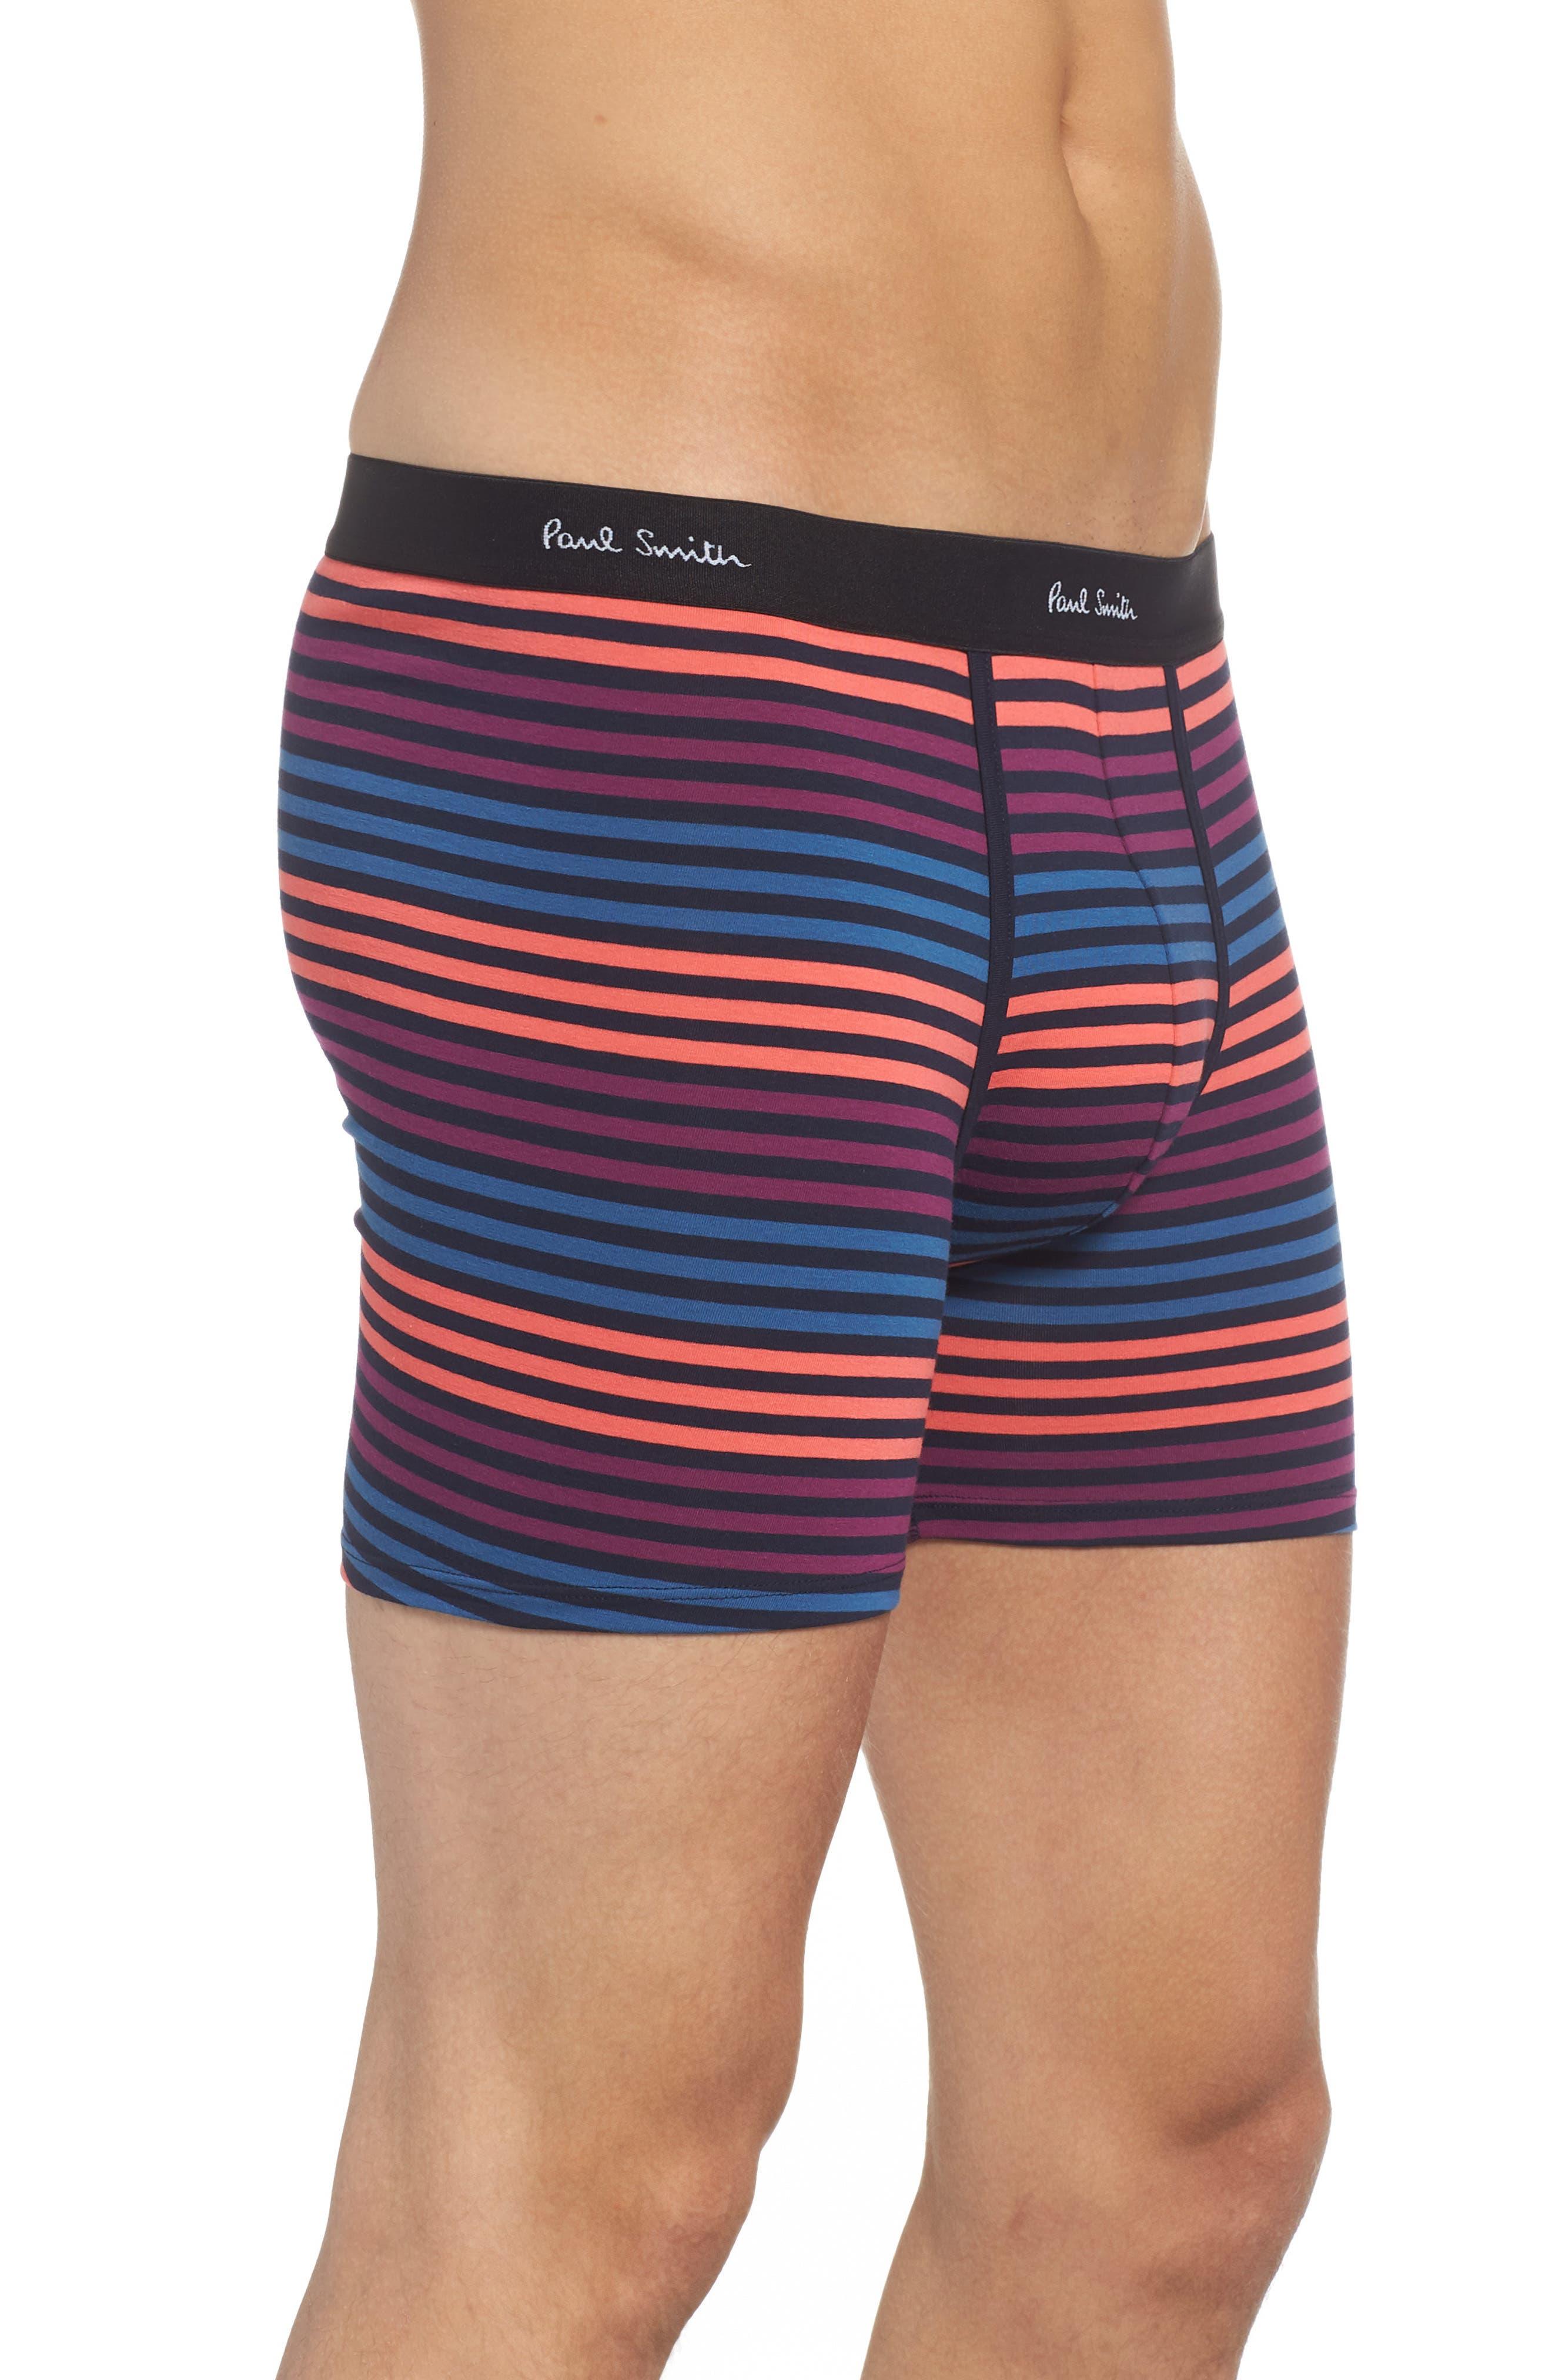 Long Leg Stretch Cotton Boxer Briefs,                             Alternate thumbnail 3, color,                             BLUE